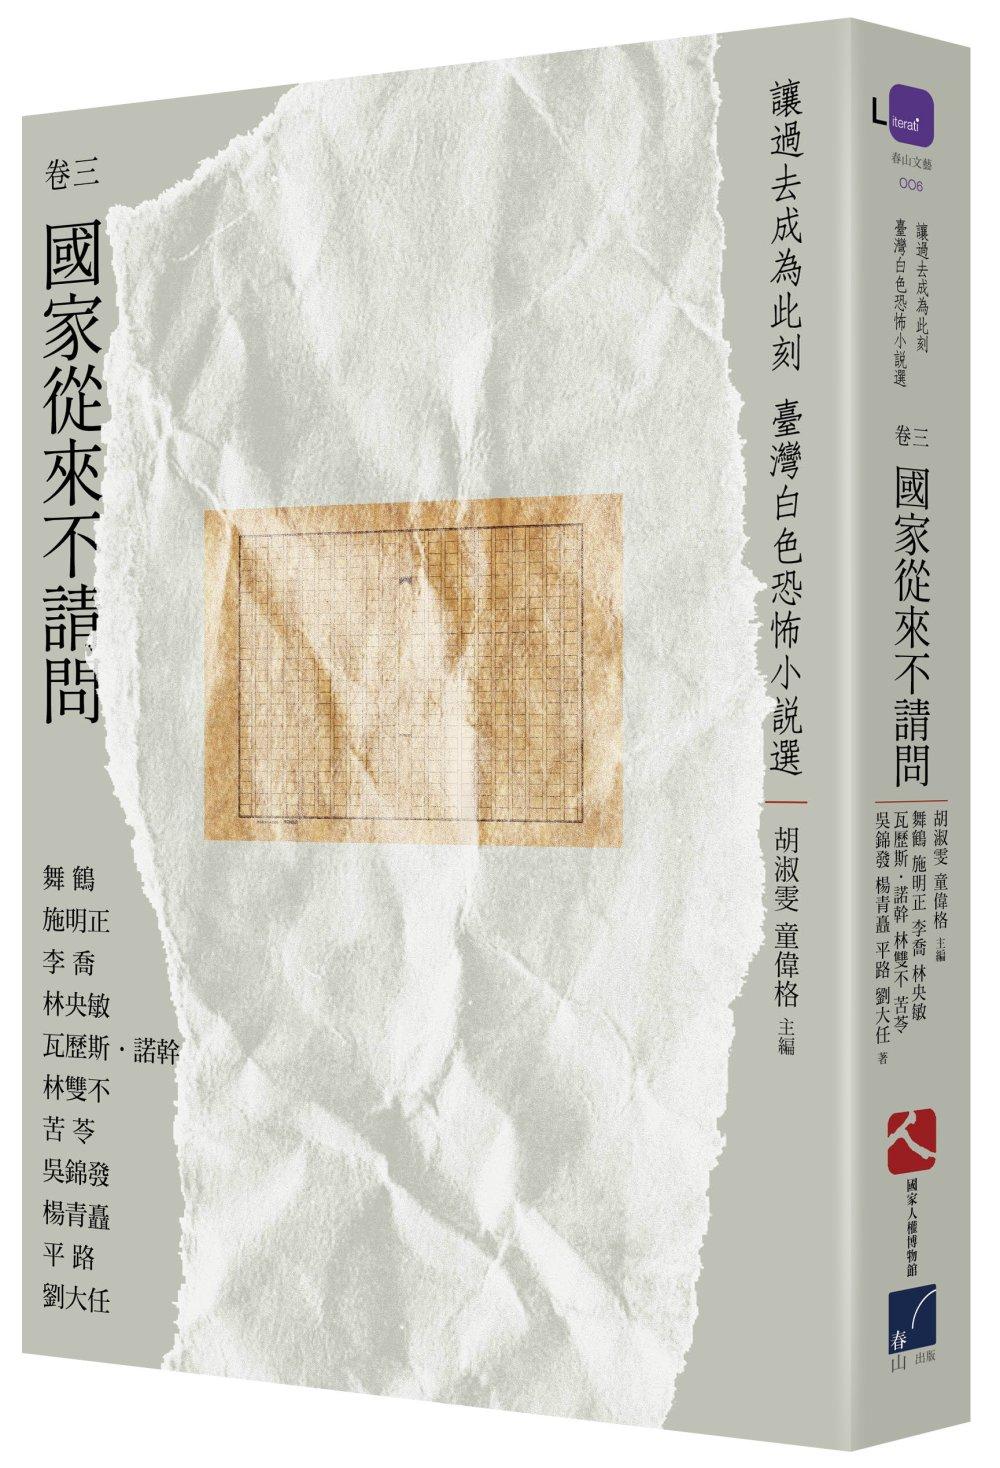 讓過去成為此刻:臺灣白色恐怖小說選 卷三國家從來不請問